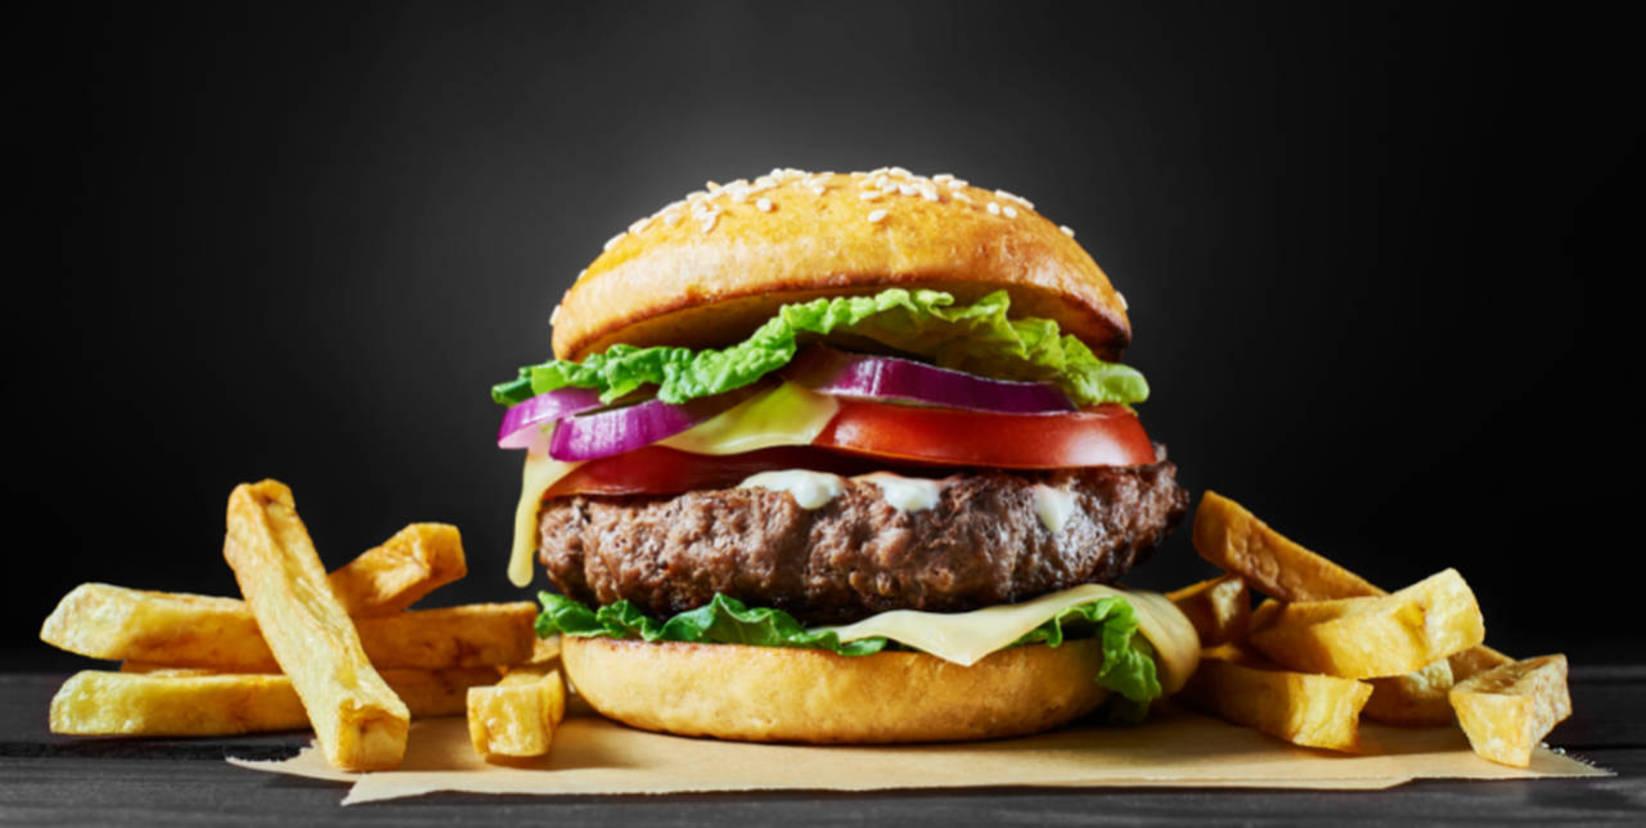 O New Burger, desenvolvido pela Embrapa, leva proteína de soja, temperos naturais, ferro e fibra de caju (Embrapa/ divulgação)